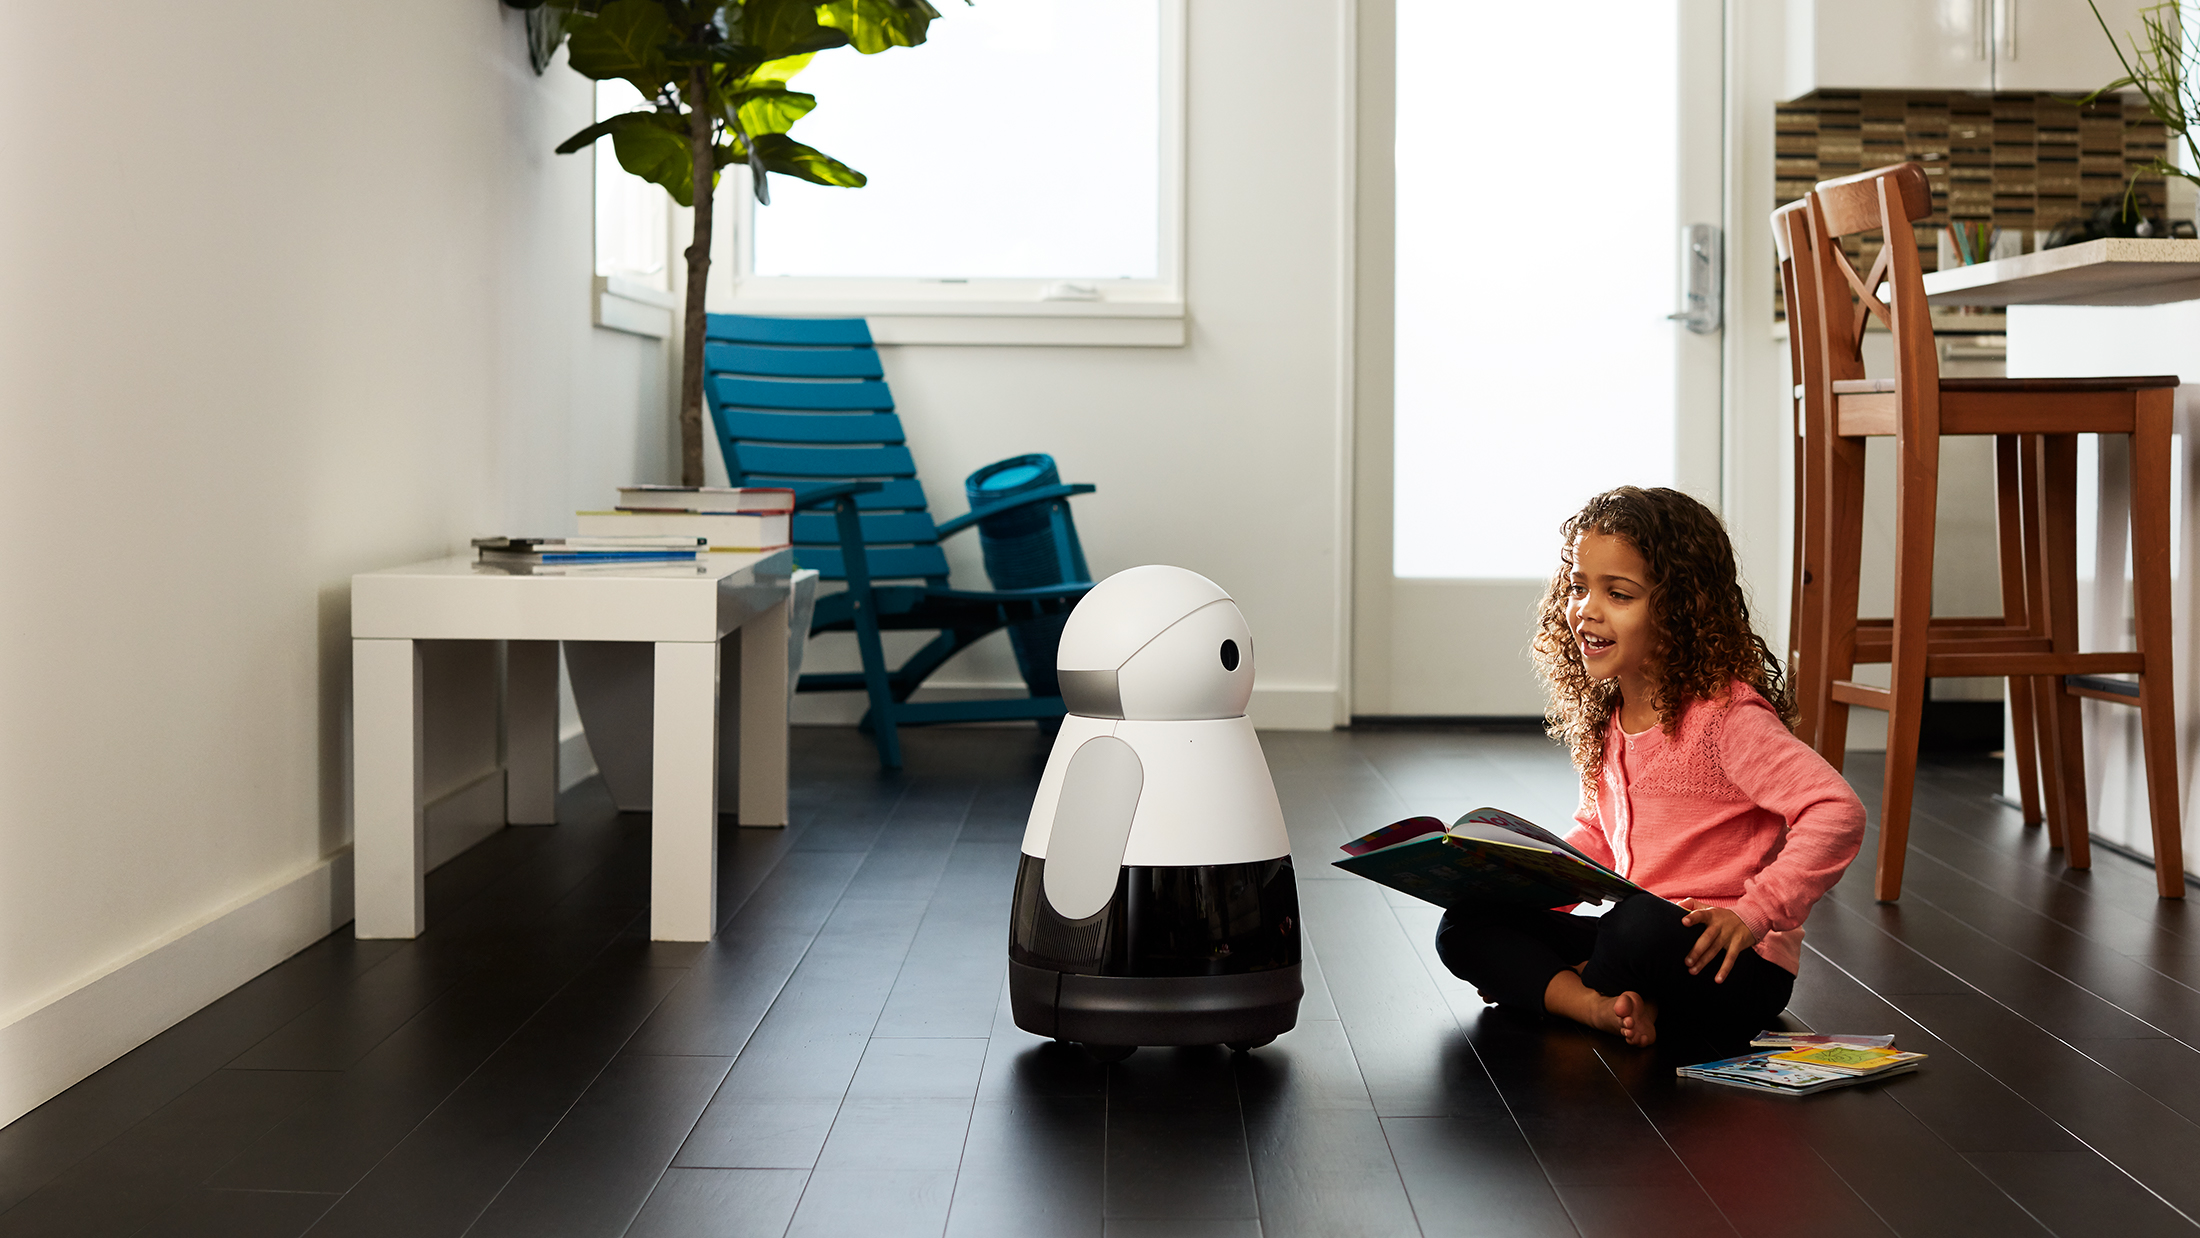 Bosch start-up introduces $700 Kuri robot at CES2017